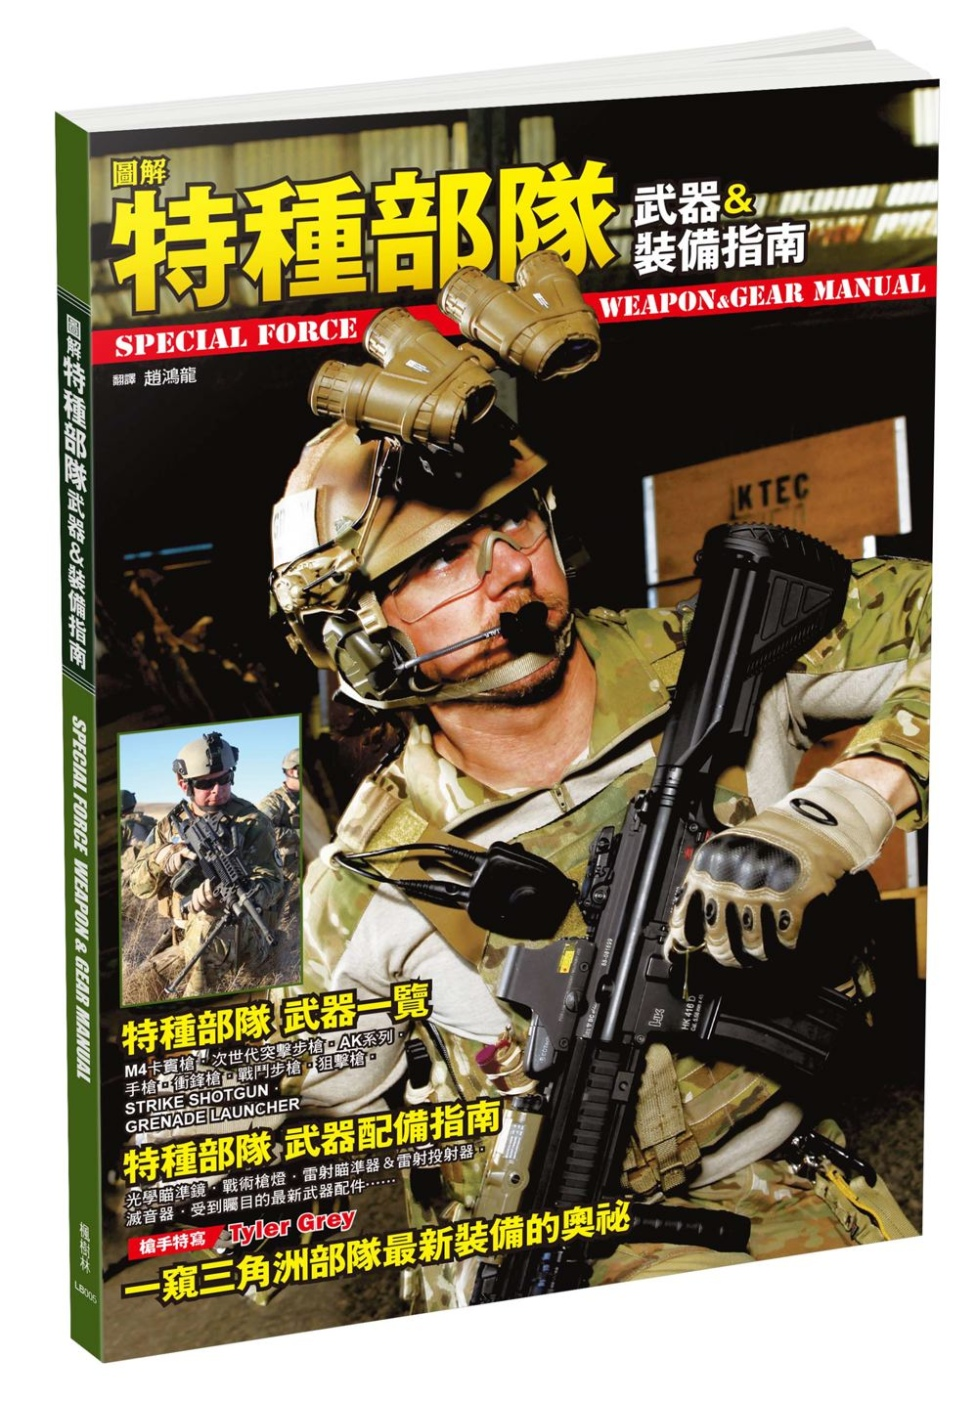 圖解特種部隊武器&裝備指南